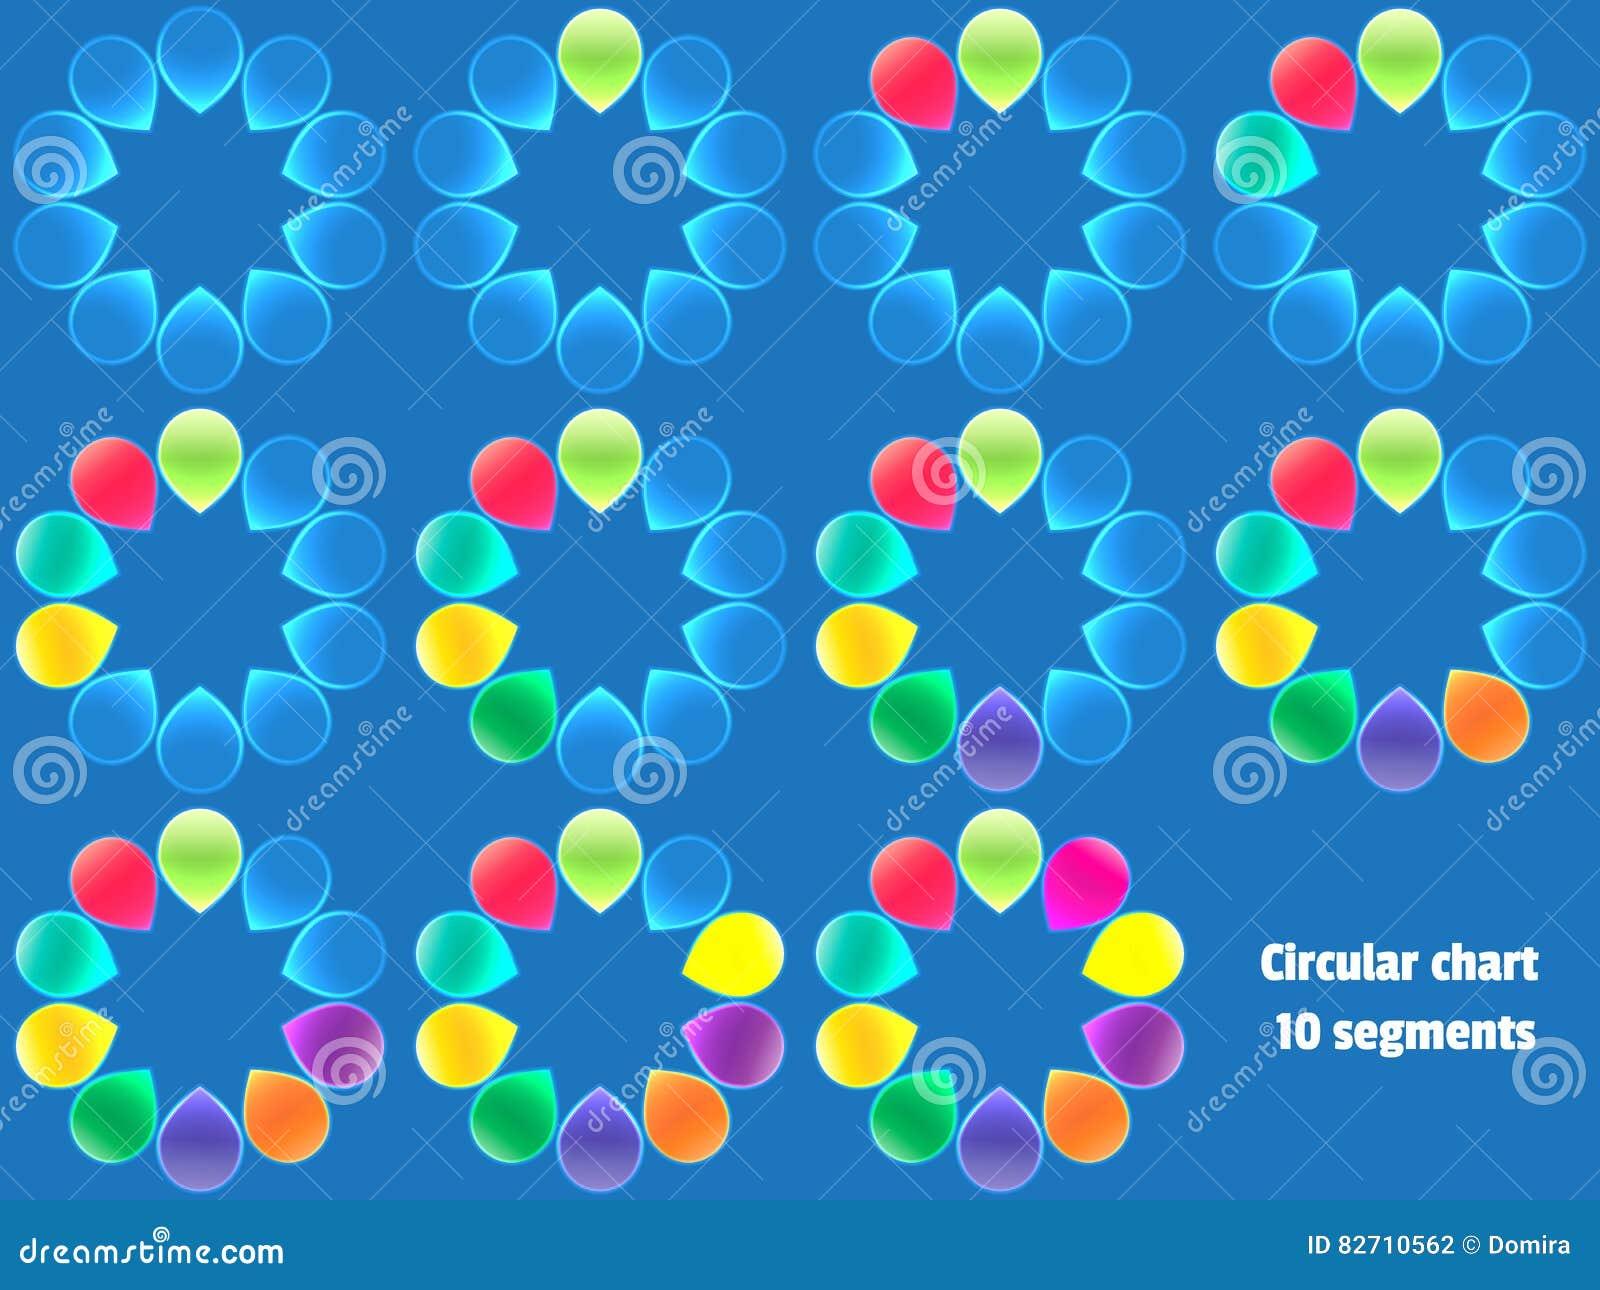 Sistema De Gráficos Circulares Coloreados Carta Circular De Las ...